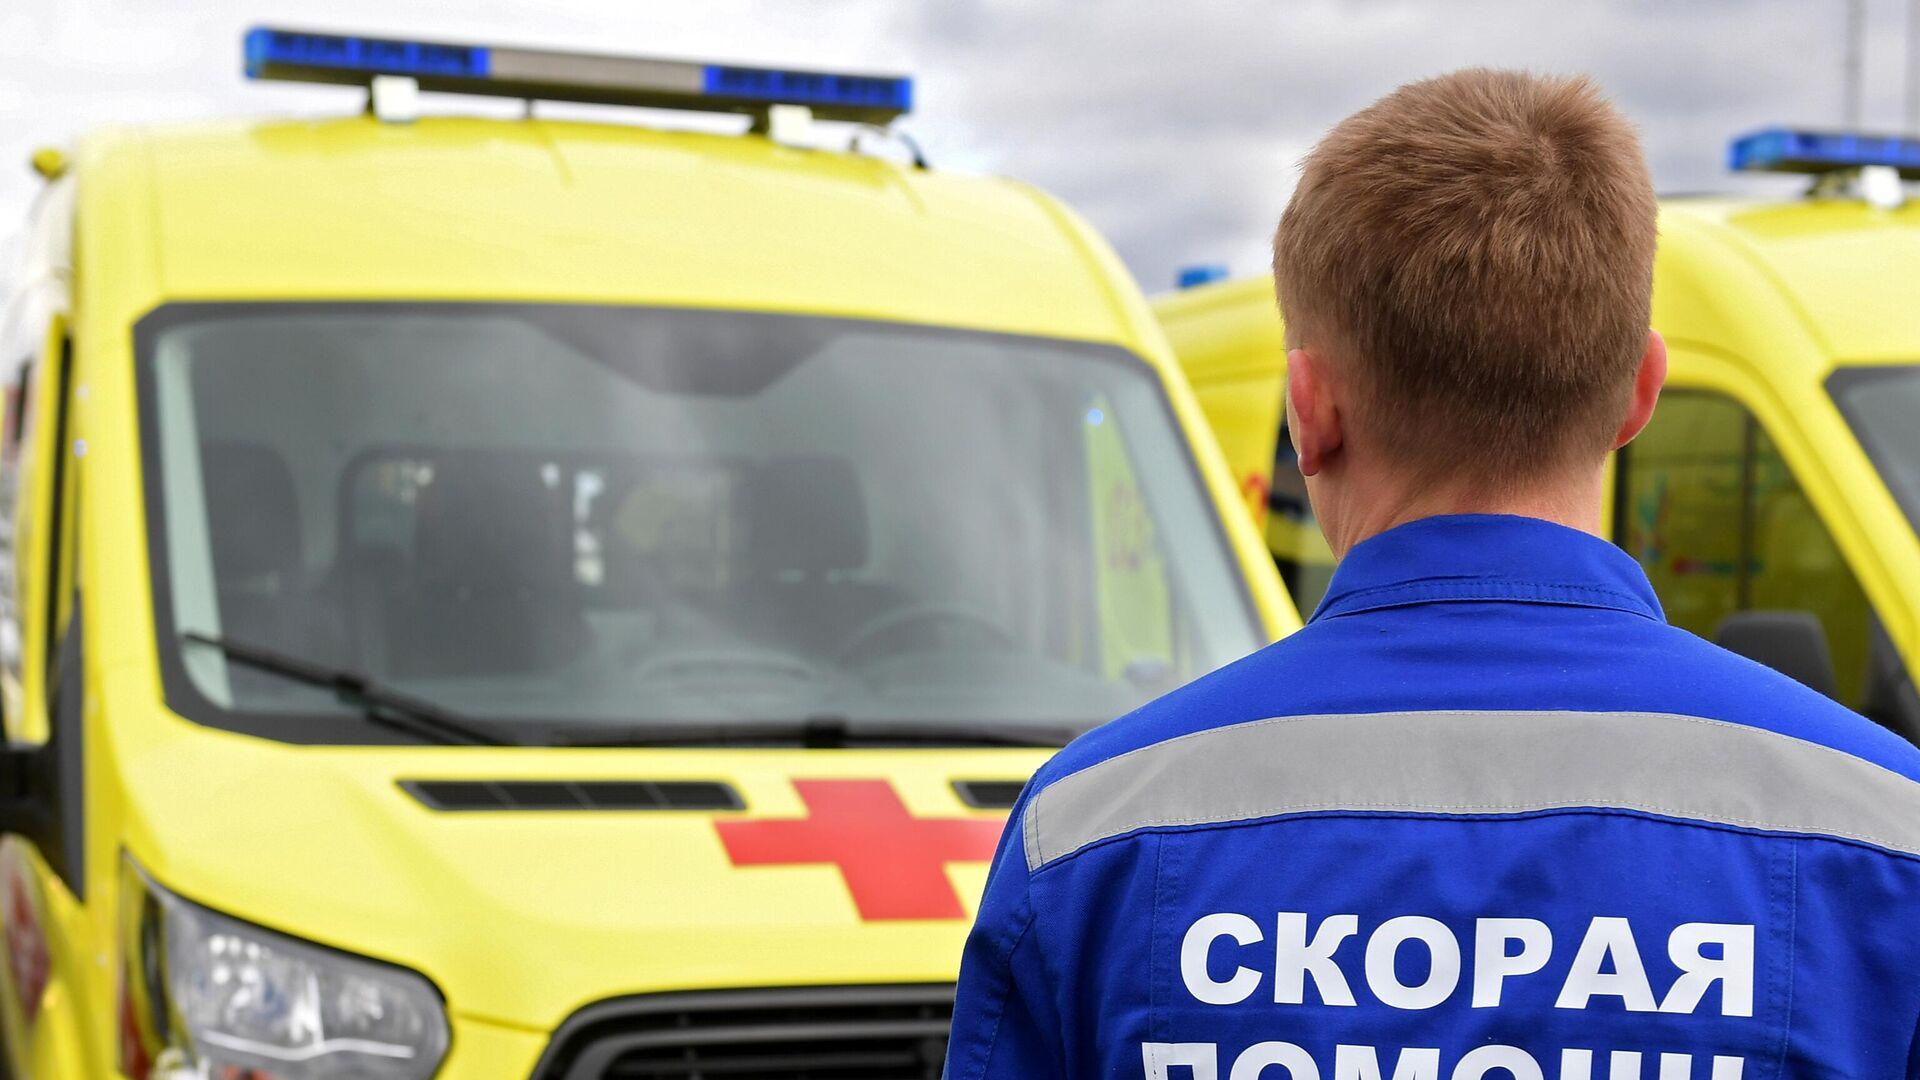 Эксперт назвал версию об отравлении семьи в Москве этиленгликолем странной